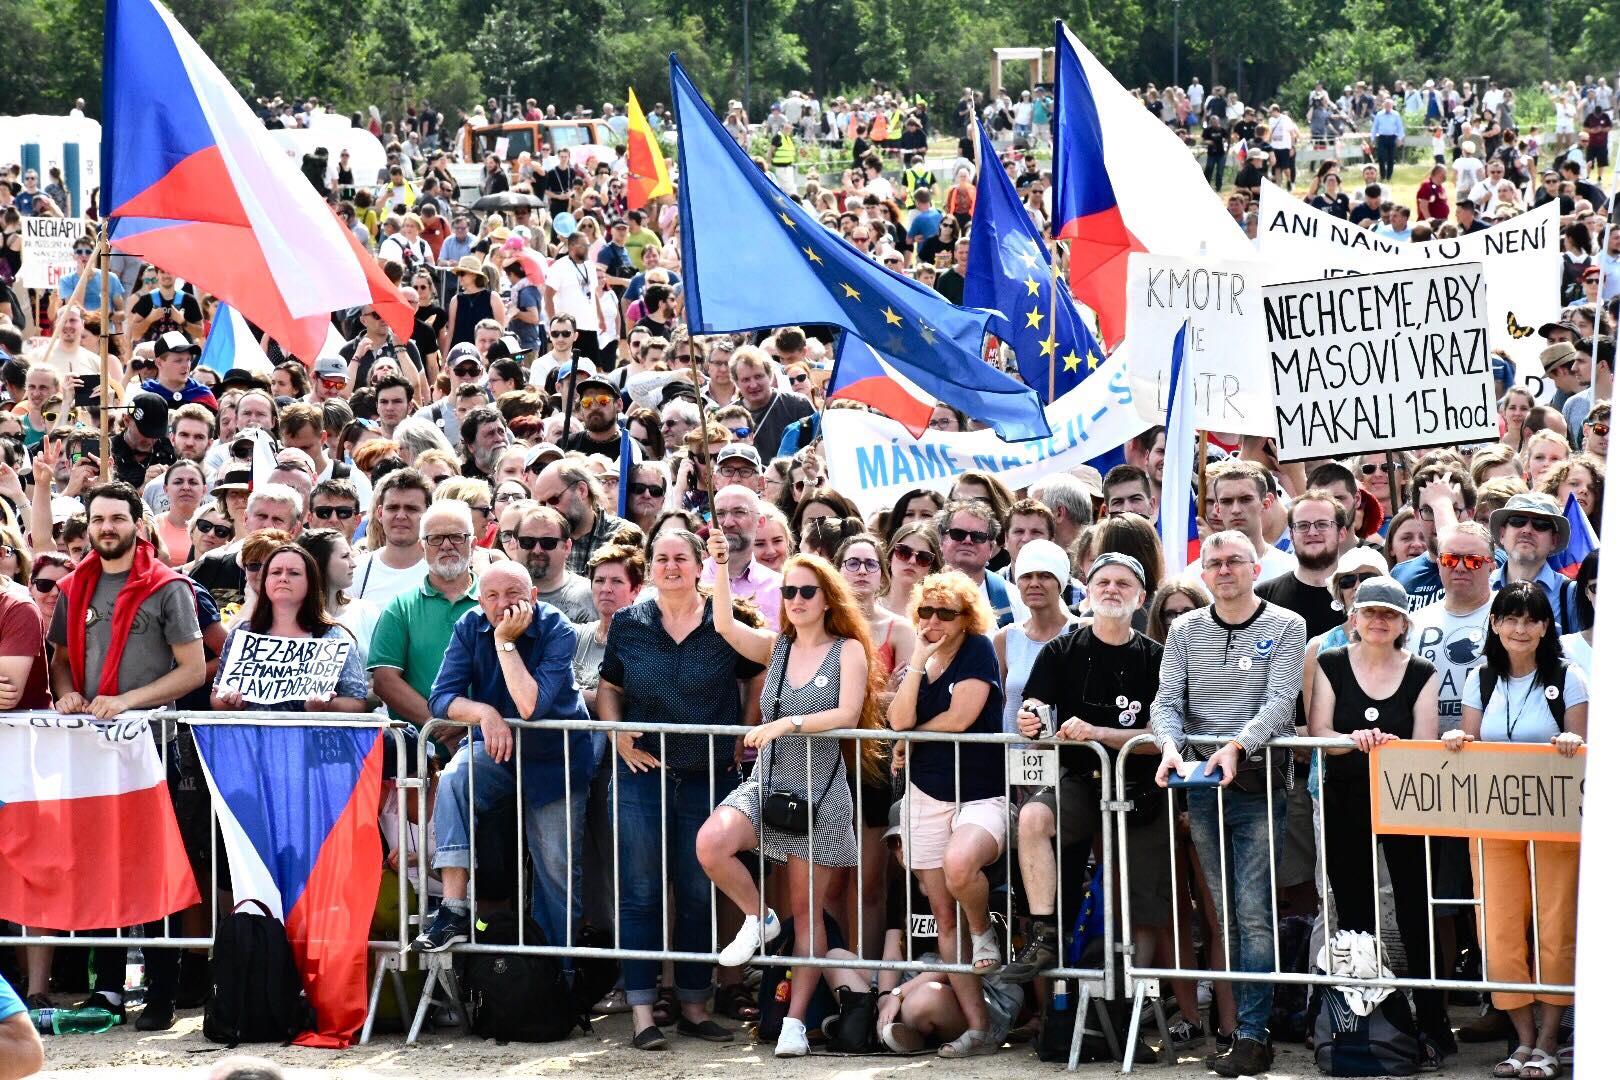 Přední řady byly zaplněné už hodinu před začátkem demonstrace